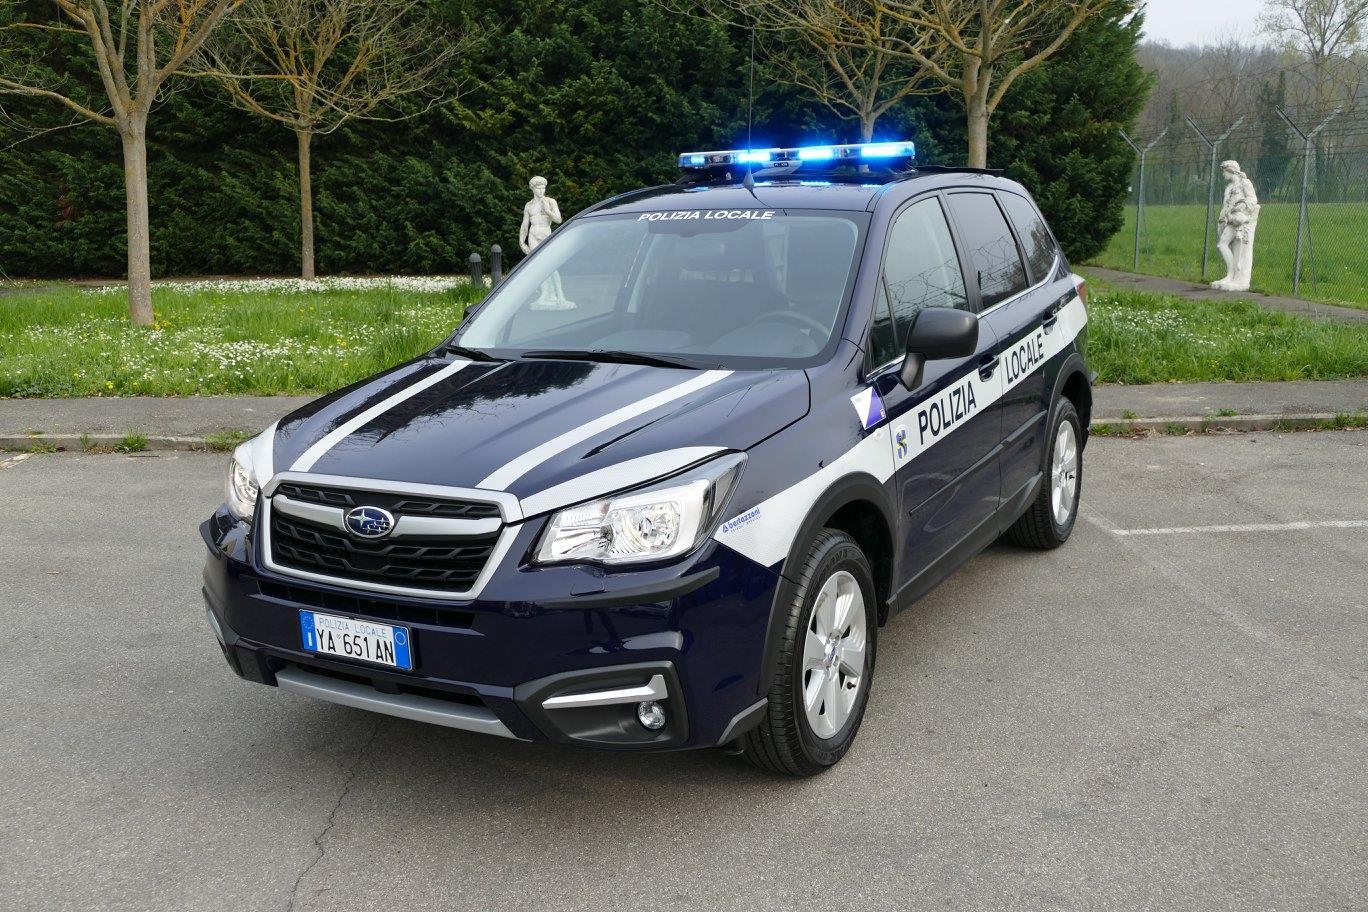 Scopriamo i vantaggi del SECURWALL per le Polizie Locali nei nuovi veicoli scelti per la città di Verona | Emergency Live 1